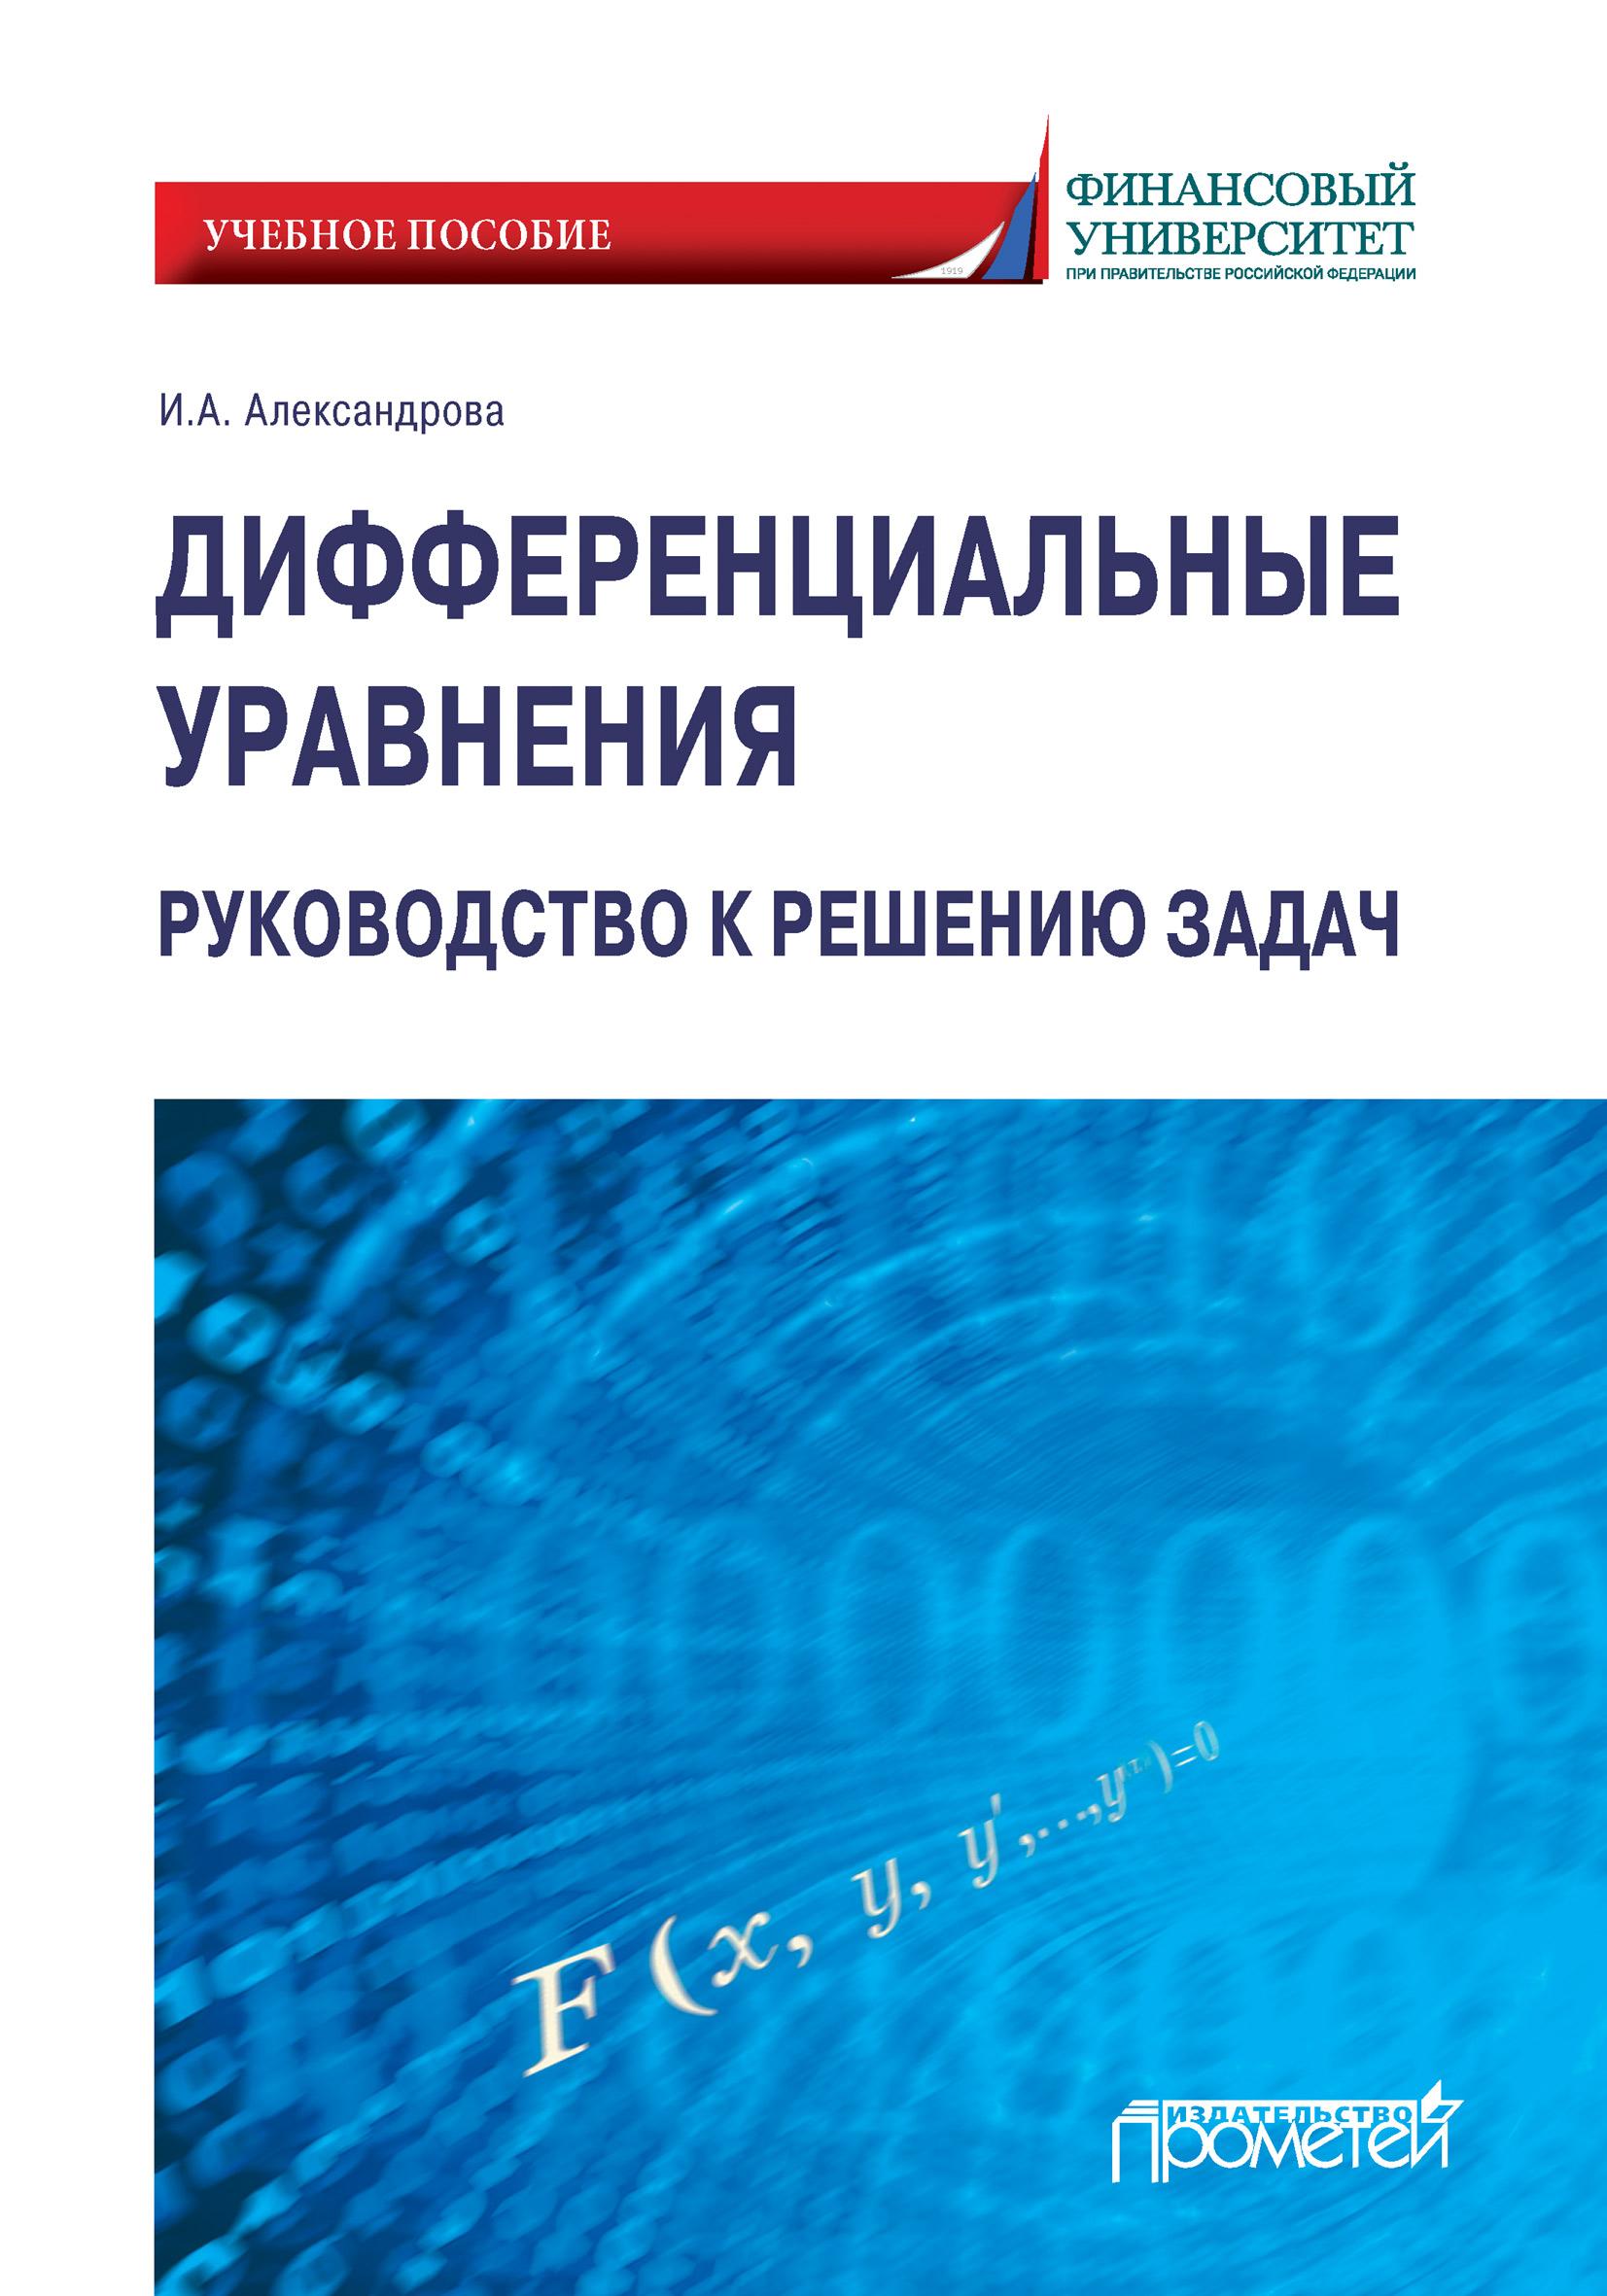 И. А. Александрова Дифференциальные уравнения. Руководство к решению задач